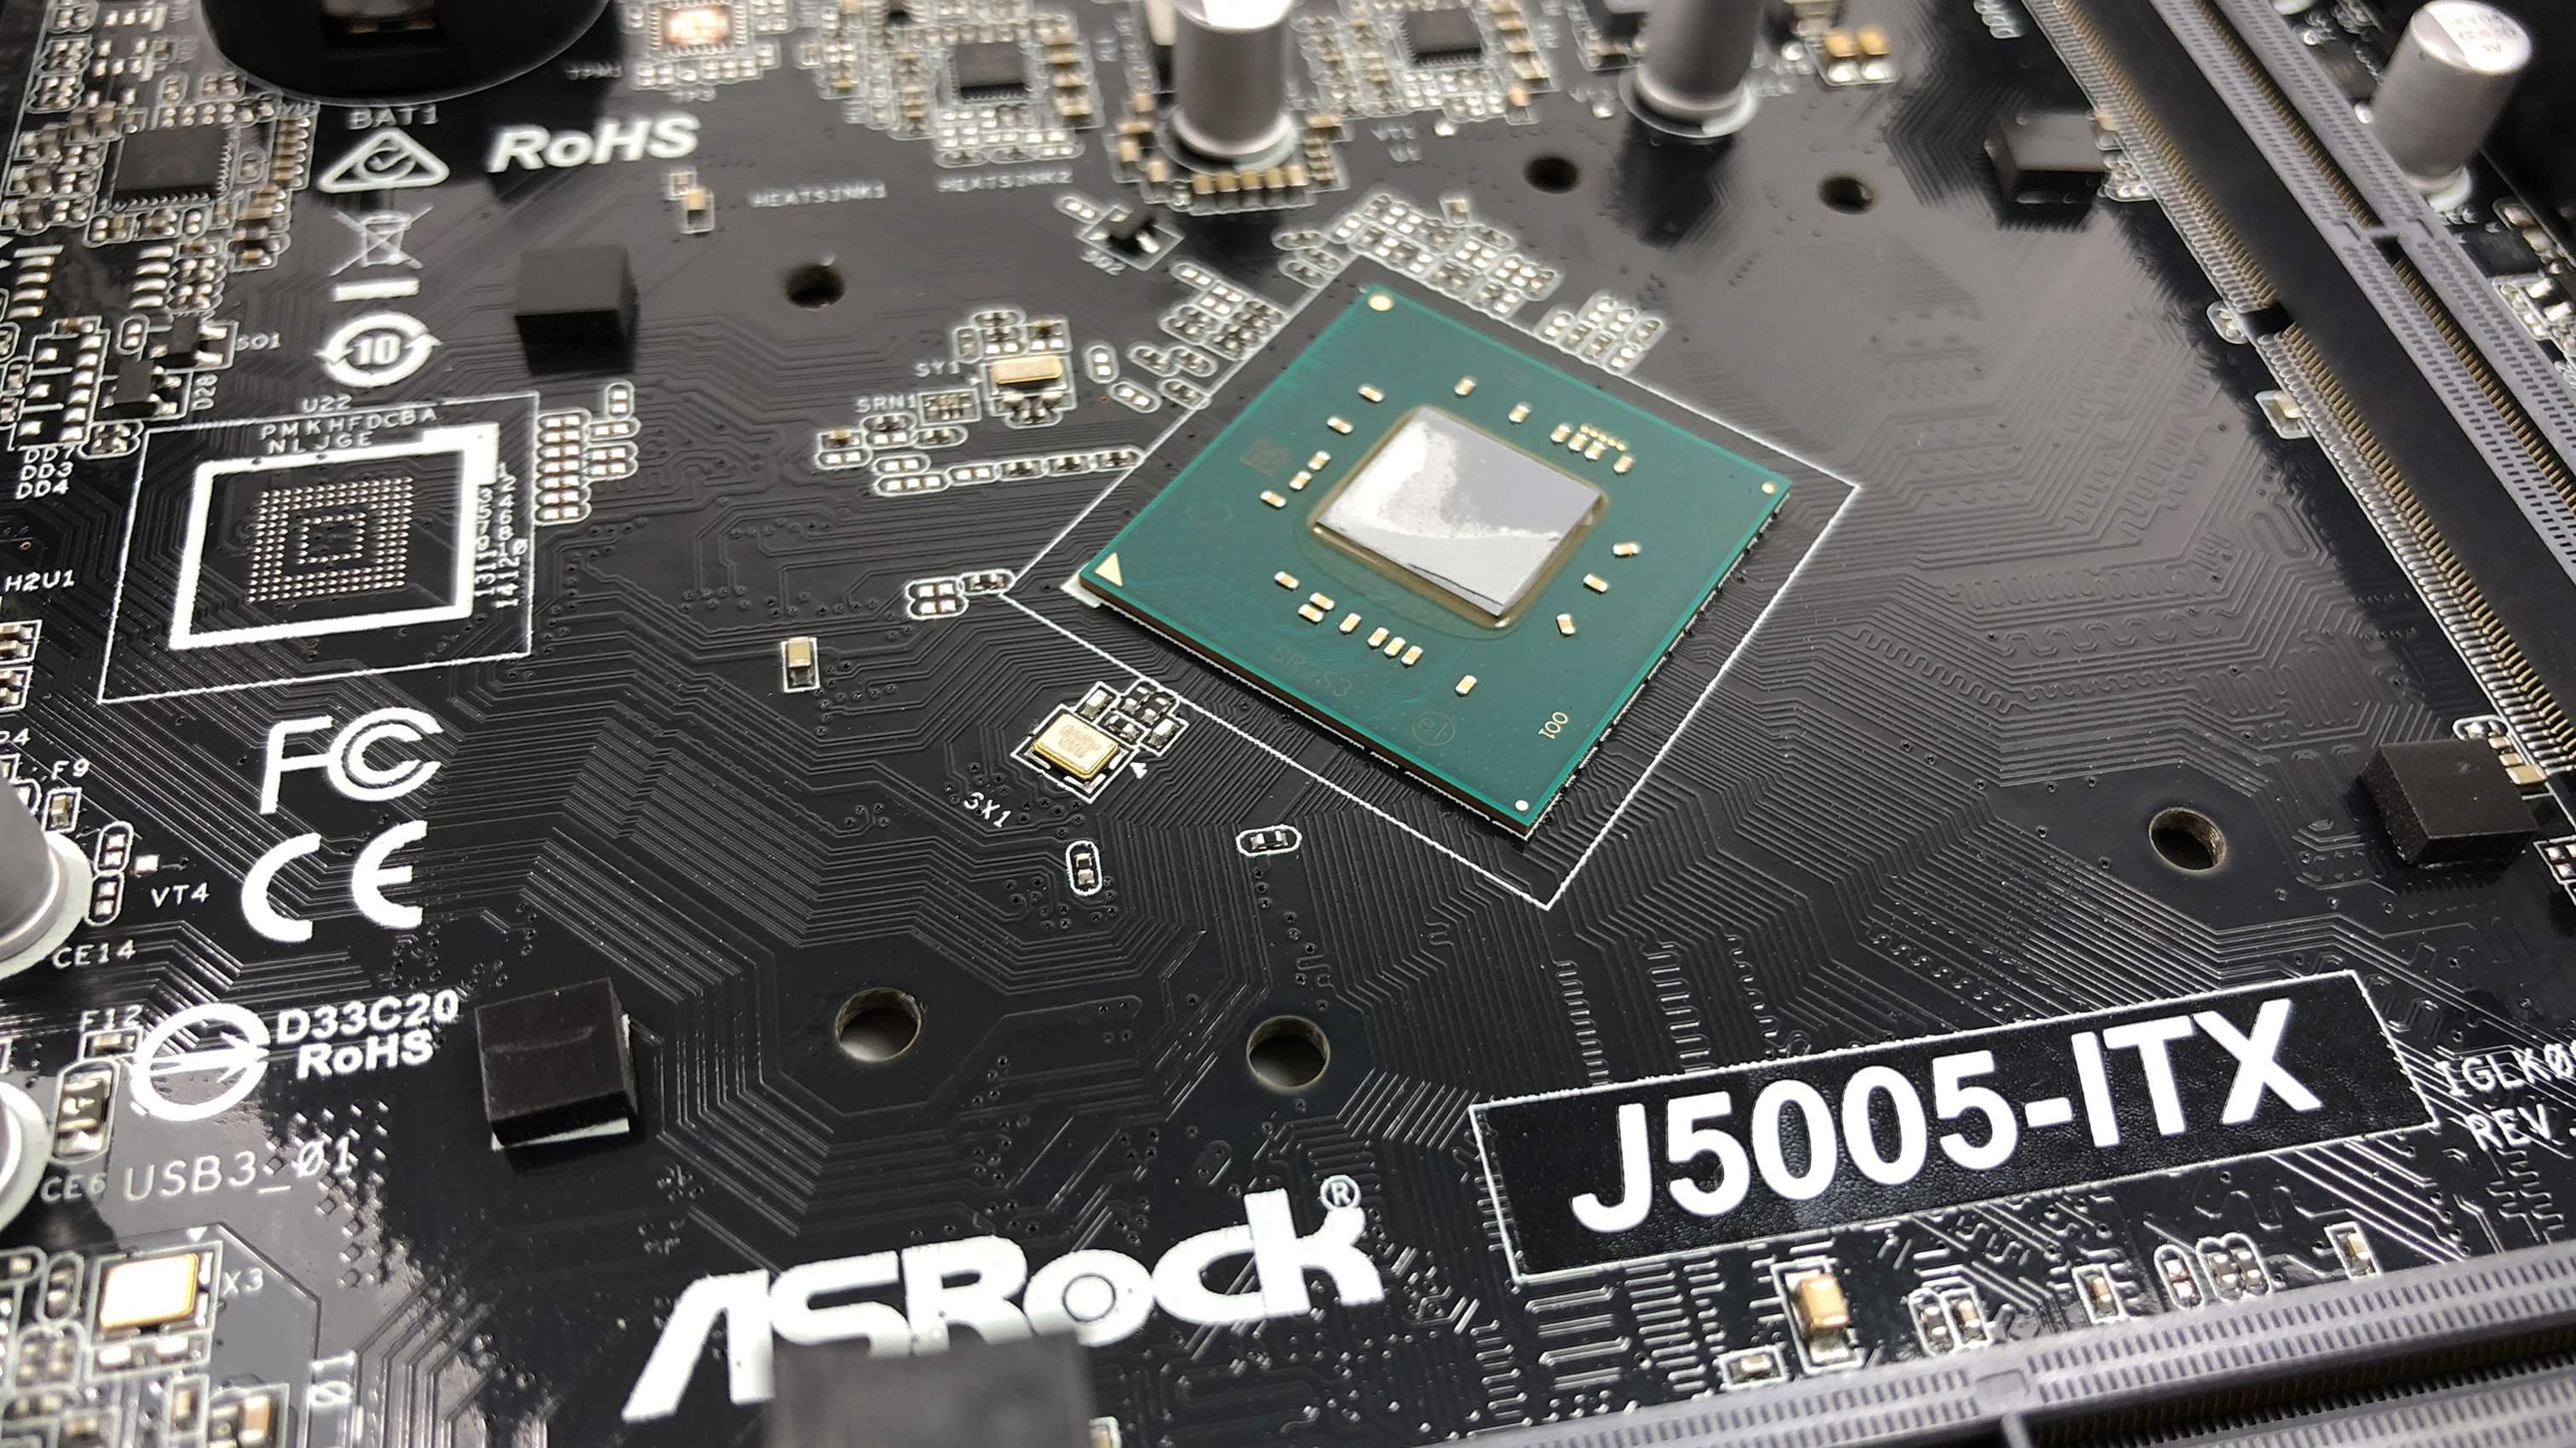 ASRock J5005-ITX mit passiv gekühltem 4-Kern Prozessor im Test